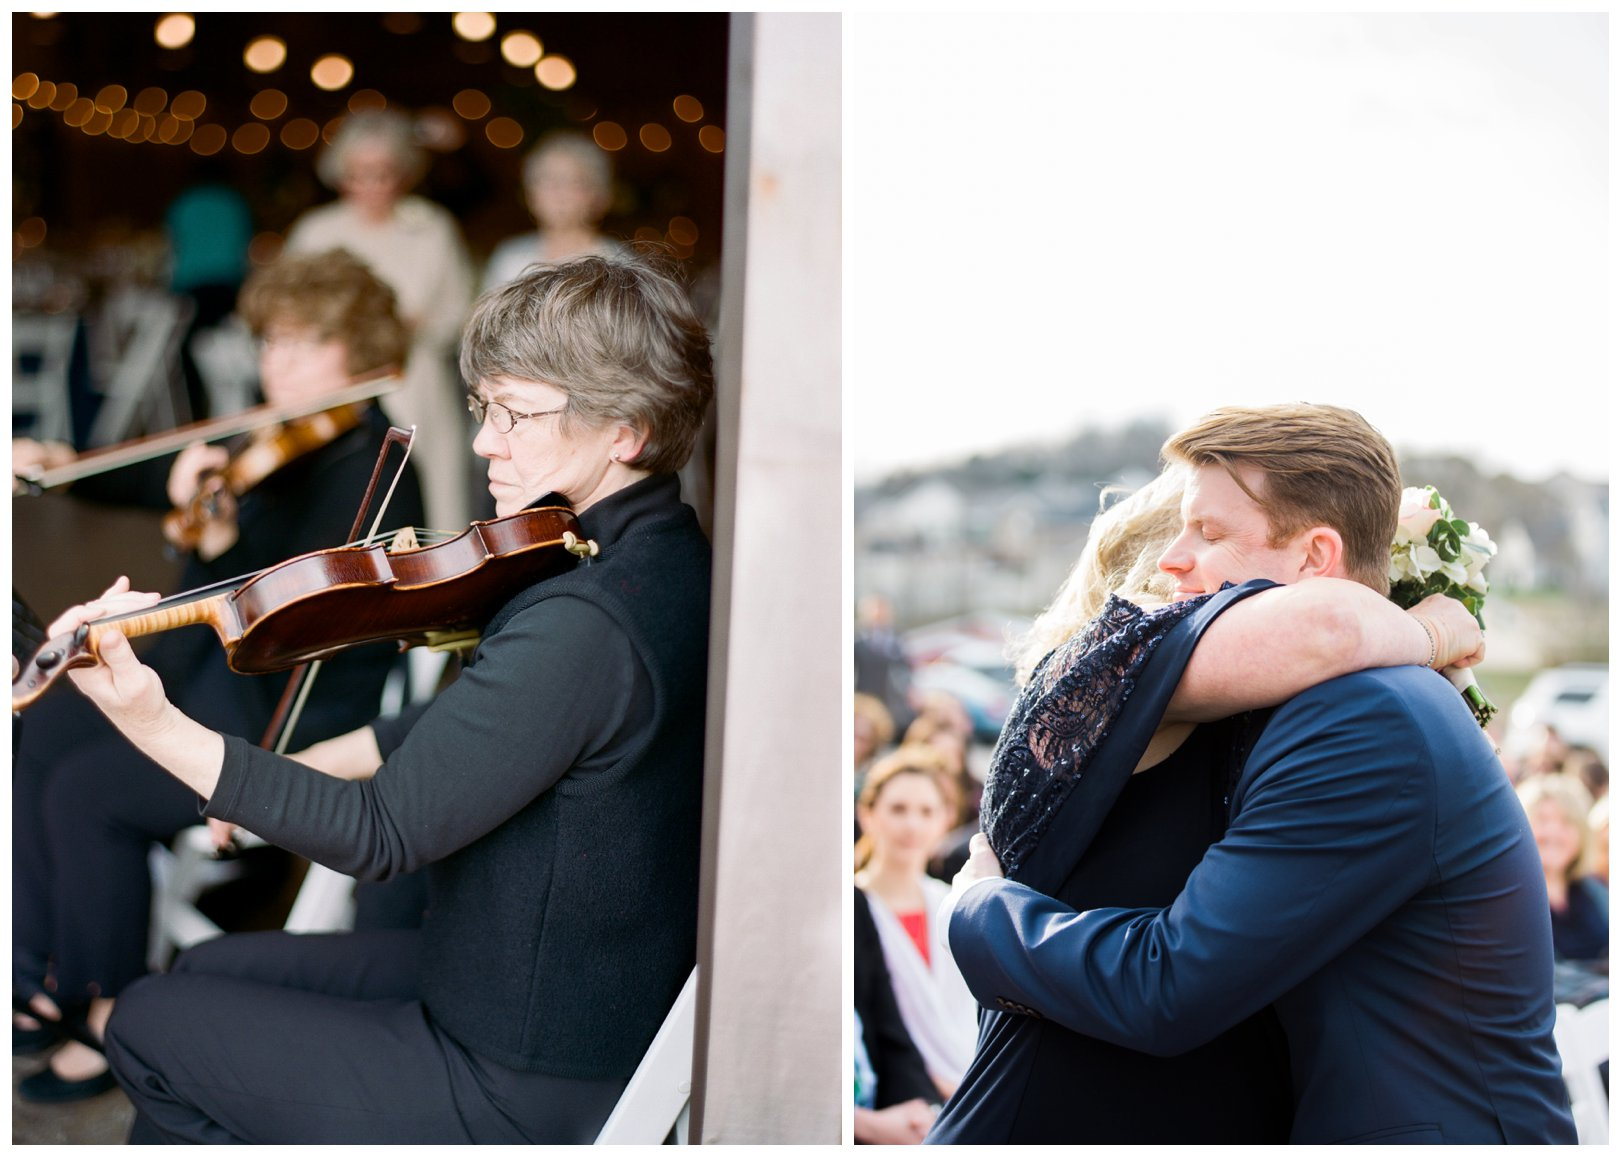 lauren muckler photography_fine art film wedding photography_st louis_photography_0982.jpg